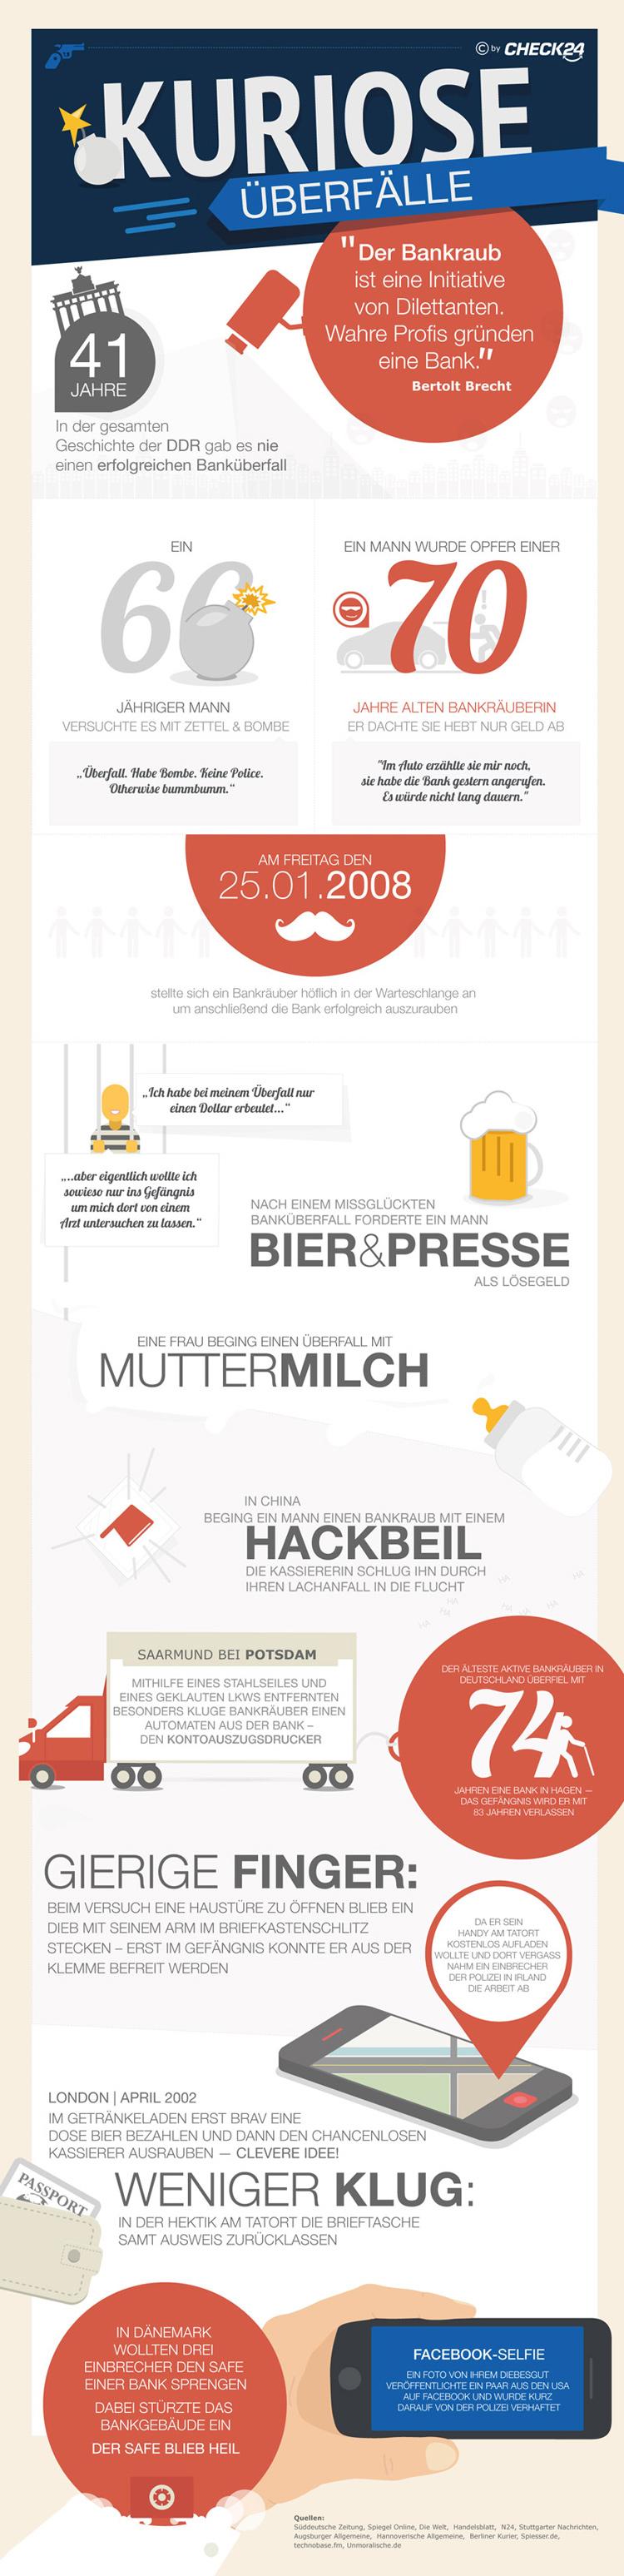 Infografik mit kuriose und lustigen Banküberfälle